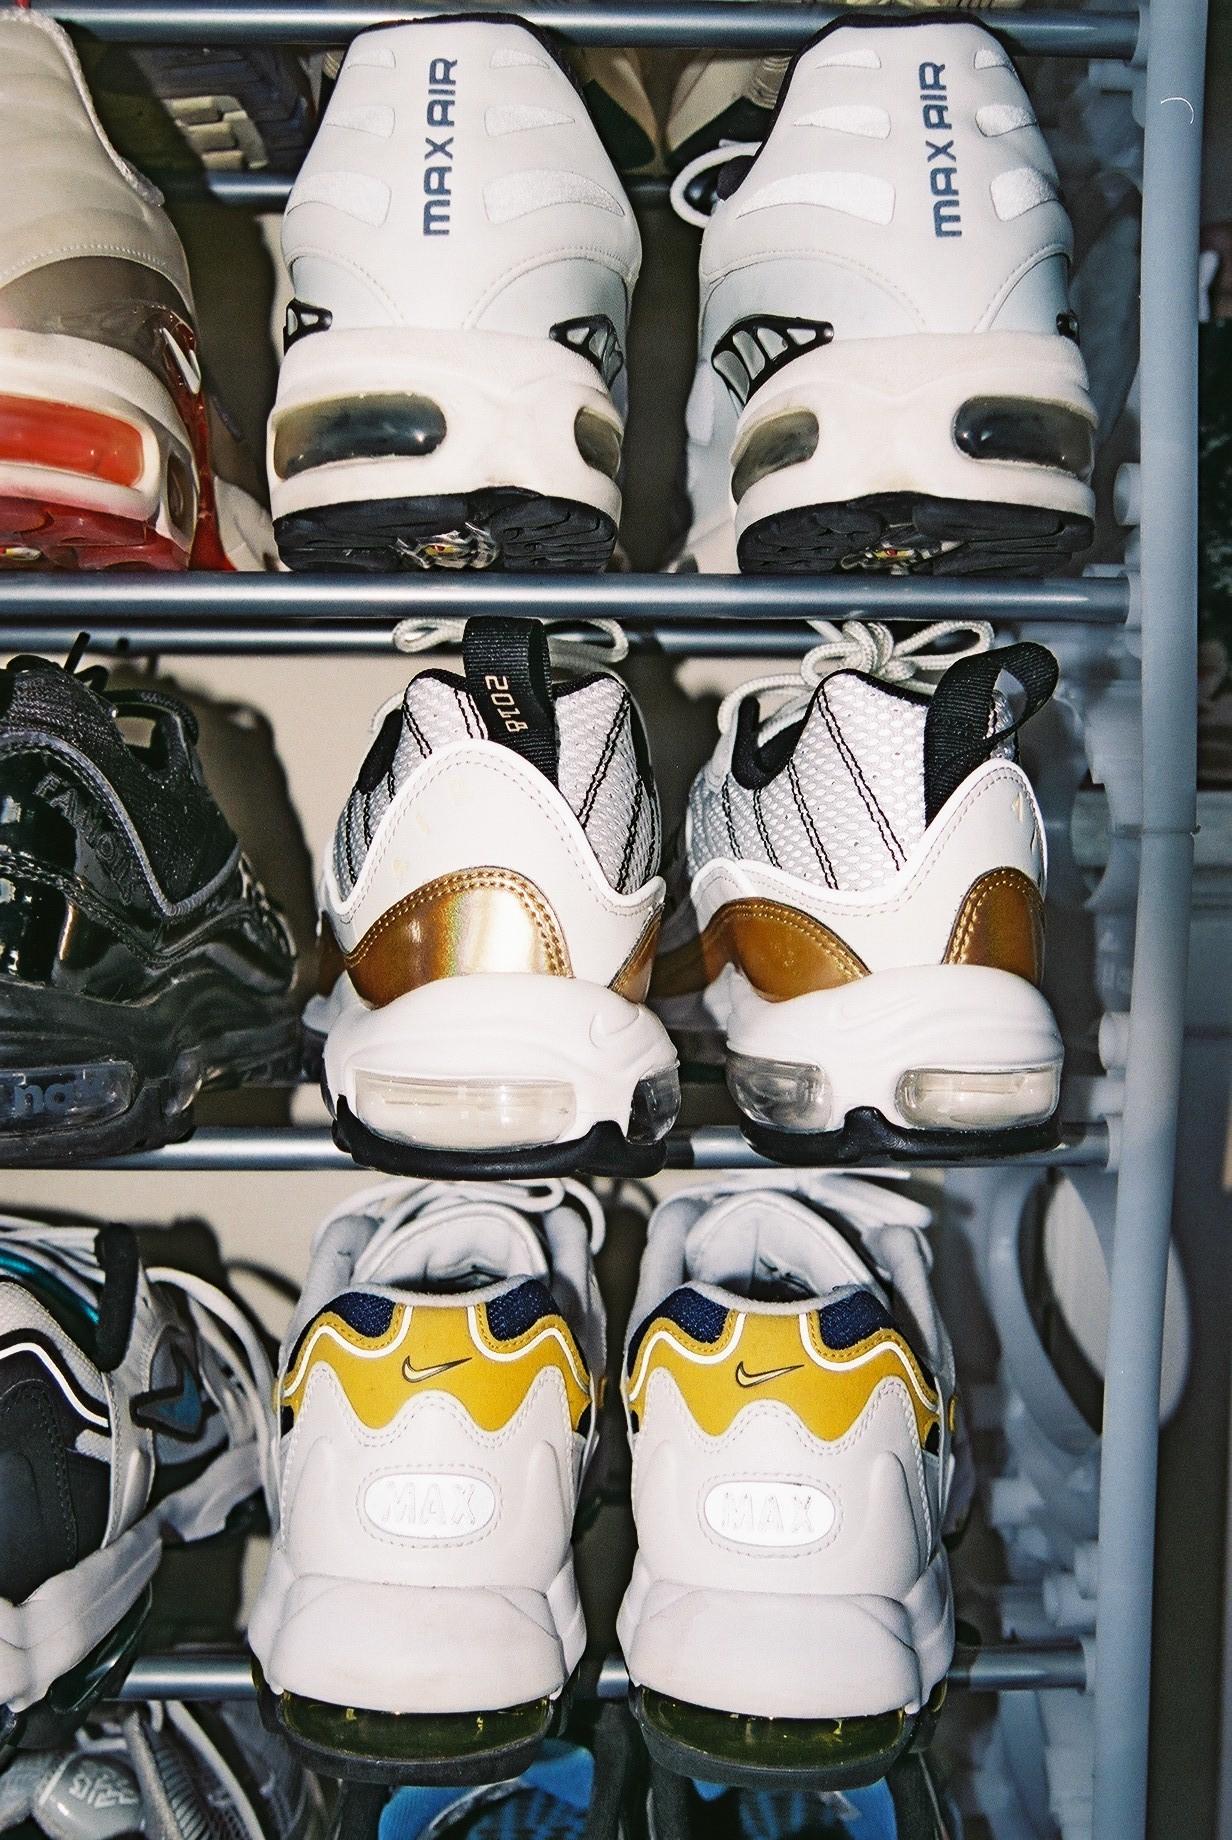 brand new 4a89e 2ca38 Nike Air Zoom Spiridon & Air Max 98 'GMT' Pack - size? blog